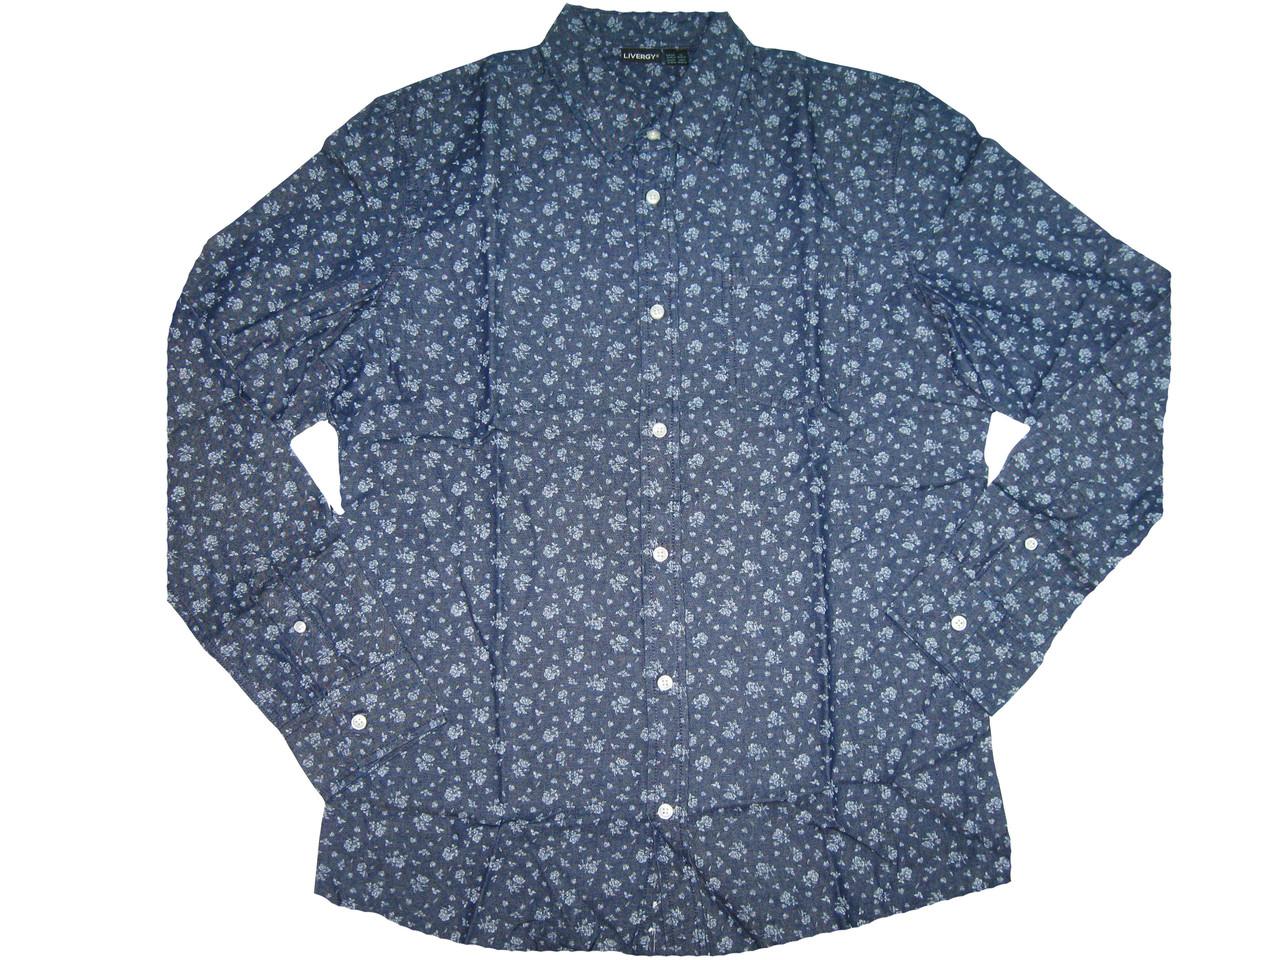 Рубашка мужская, LIVERGY, размер L(41/42),39-40, арт. М-177